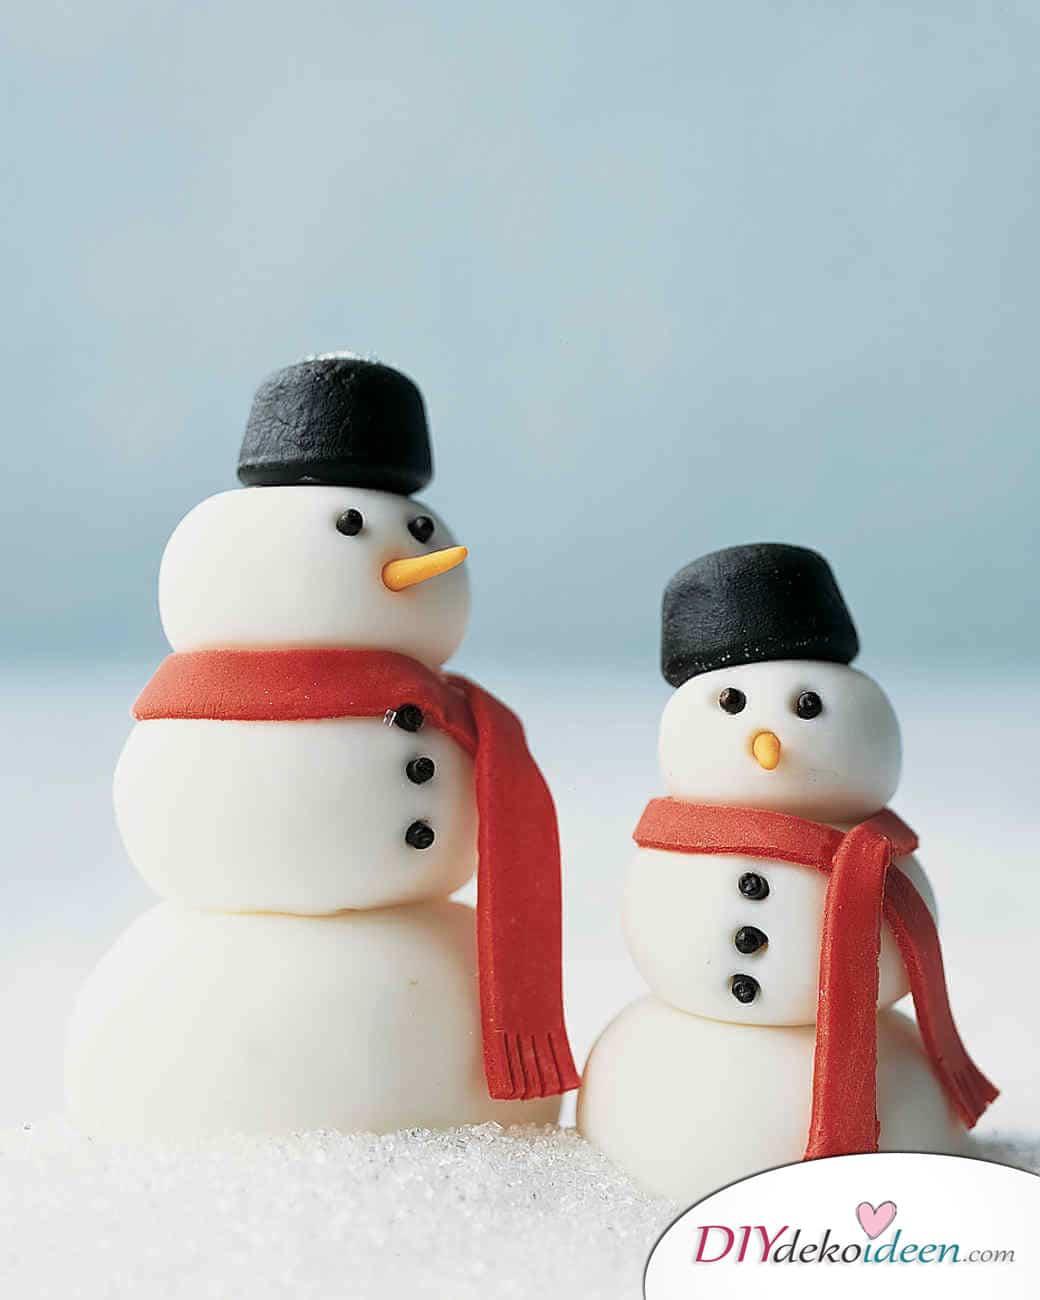 Weihnachtsbasteln mit Kindern - 15 Ideen - basteln mit Kindern - Schneemänner basteln - Weihnachten Geschenkidee